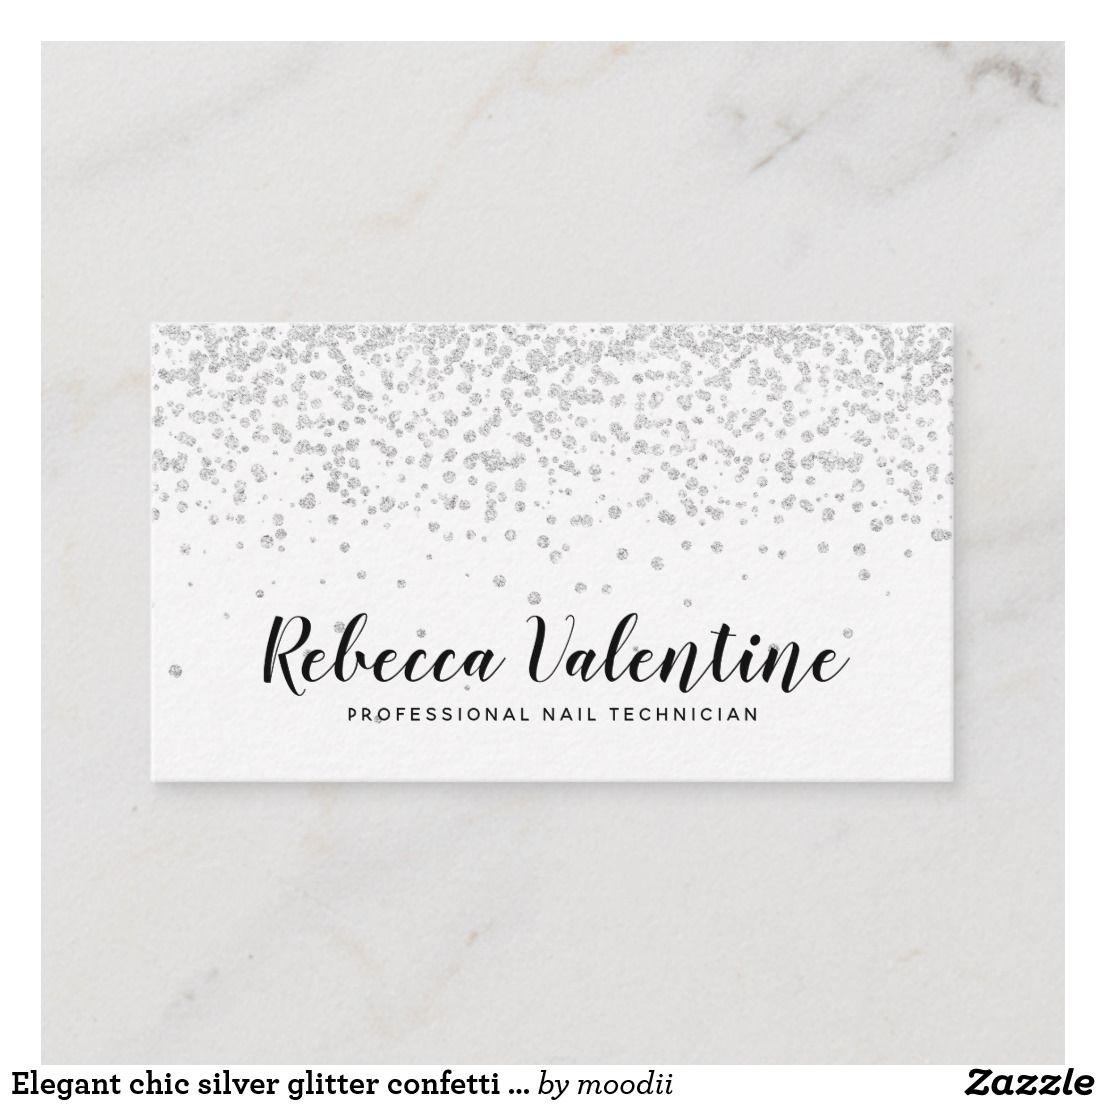 Elegant chic silver glitter confetti white minimal